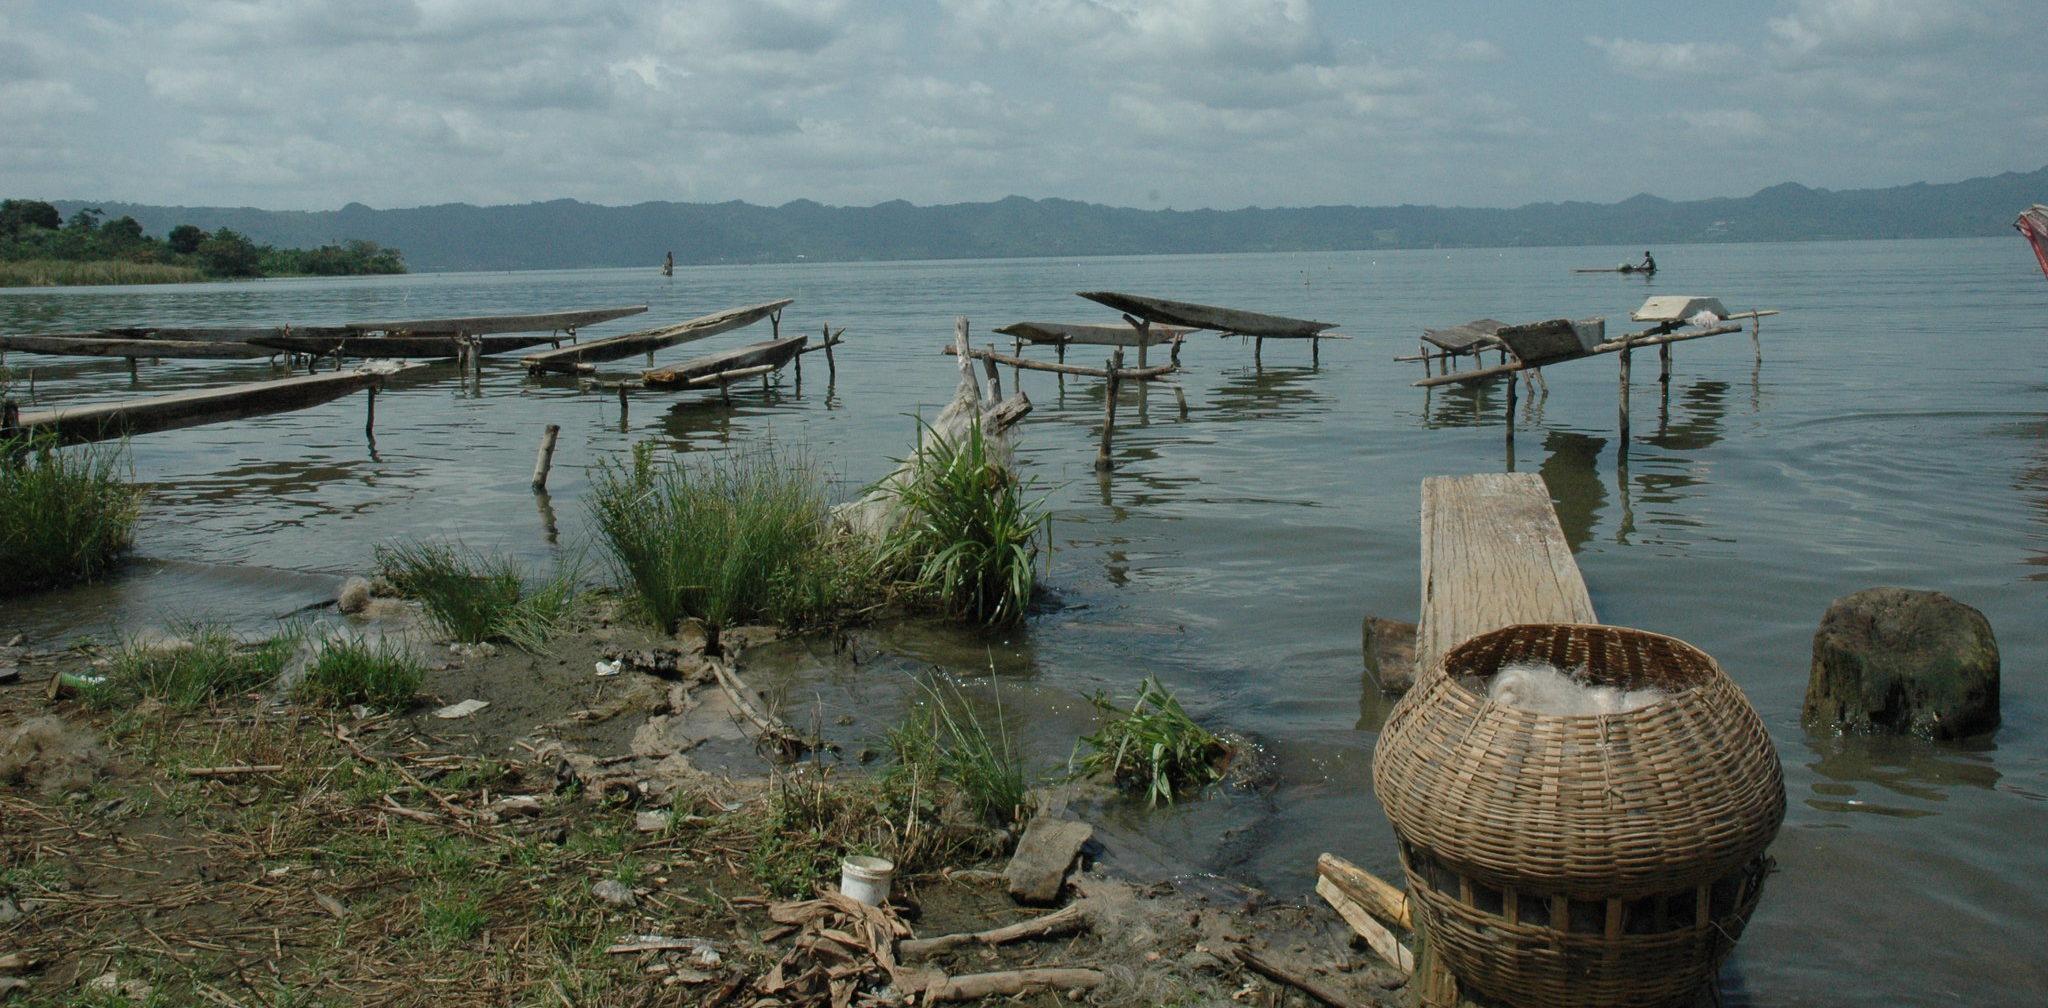 Depuis 2012, A Rocha Ghana soutient la conservation des habitats humides et forestiers du lac Bosomtwe, d'une grande diversité (Chris Naylor)